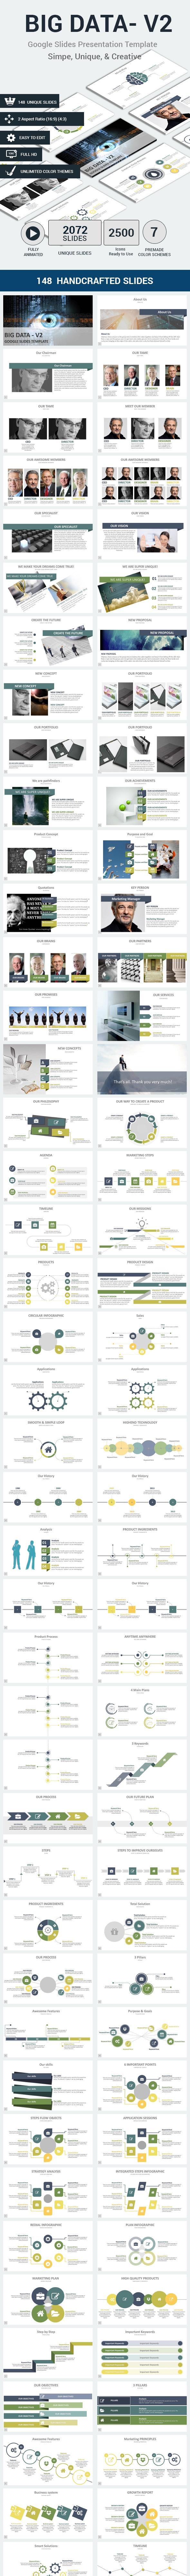 BIG DATA-V2 Google Slides Presentation Template - Google Slides Presentation Templates